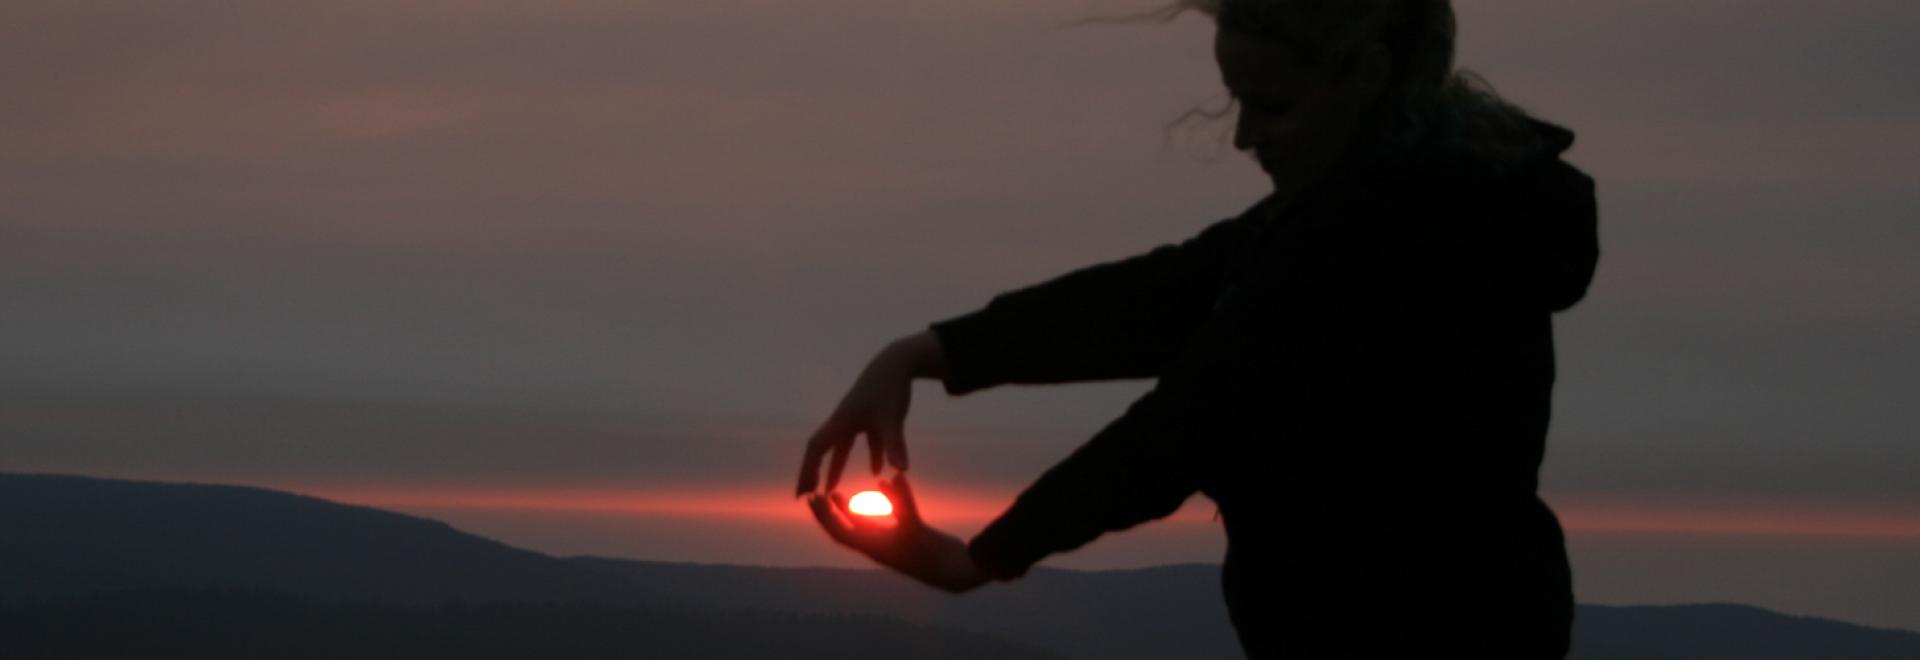 Grabbing a Sunset